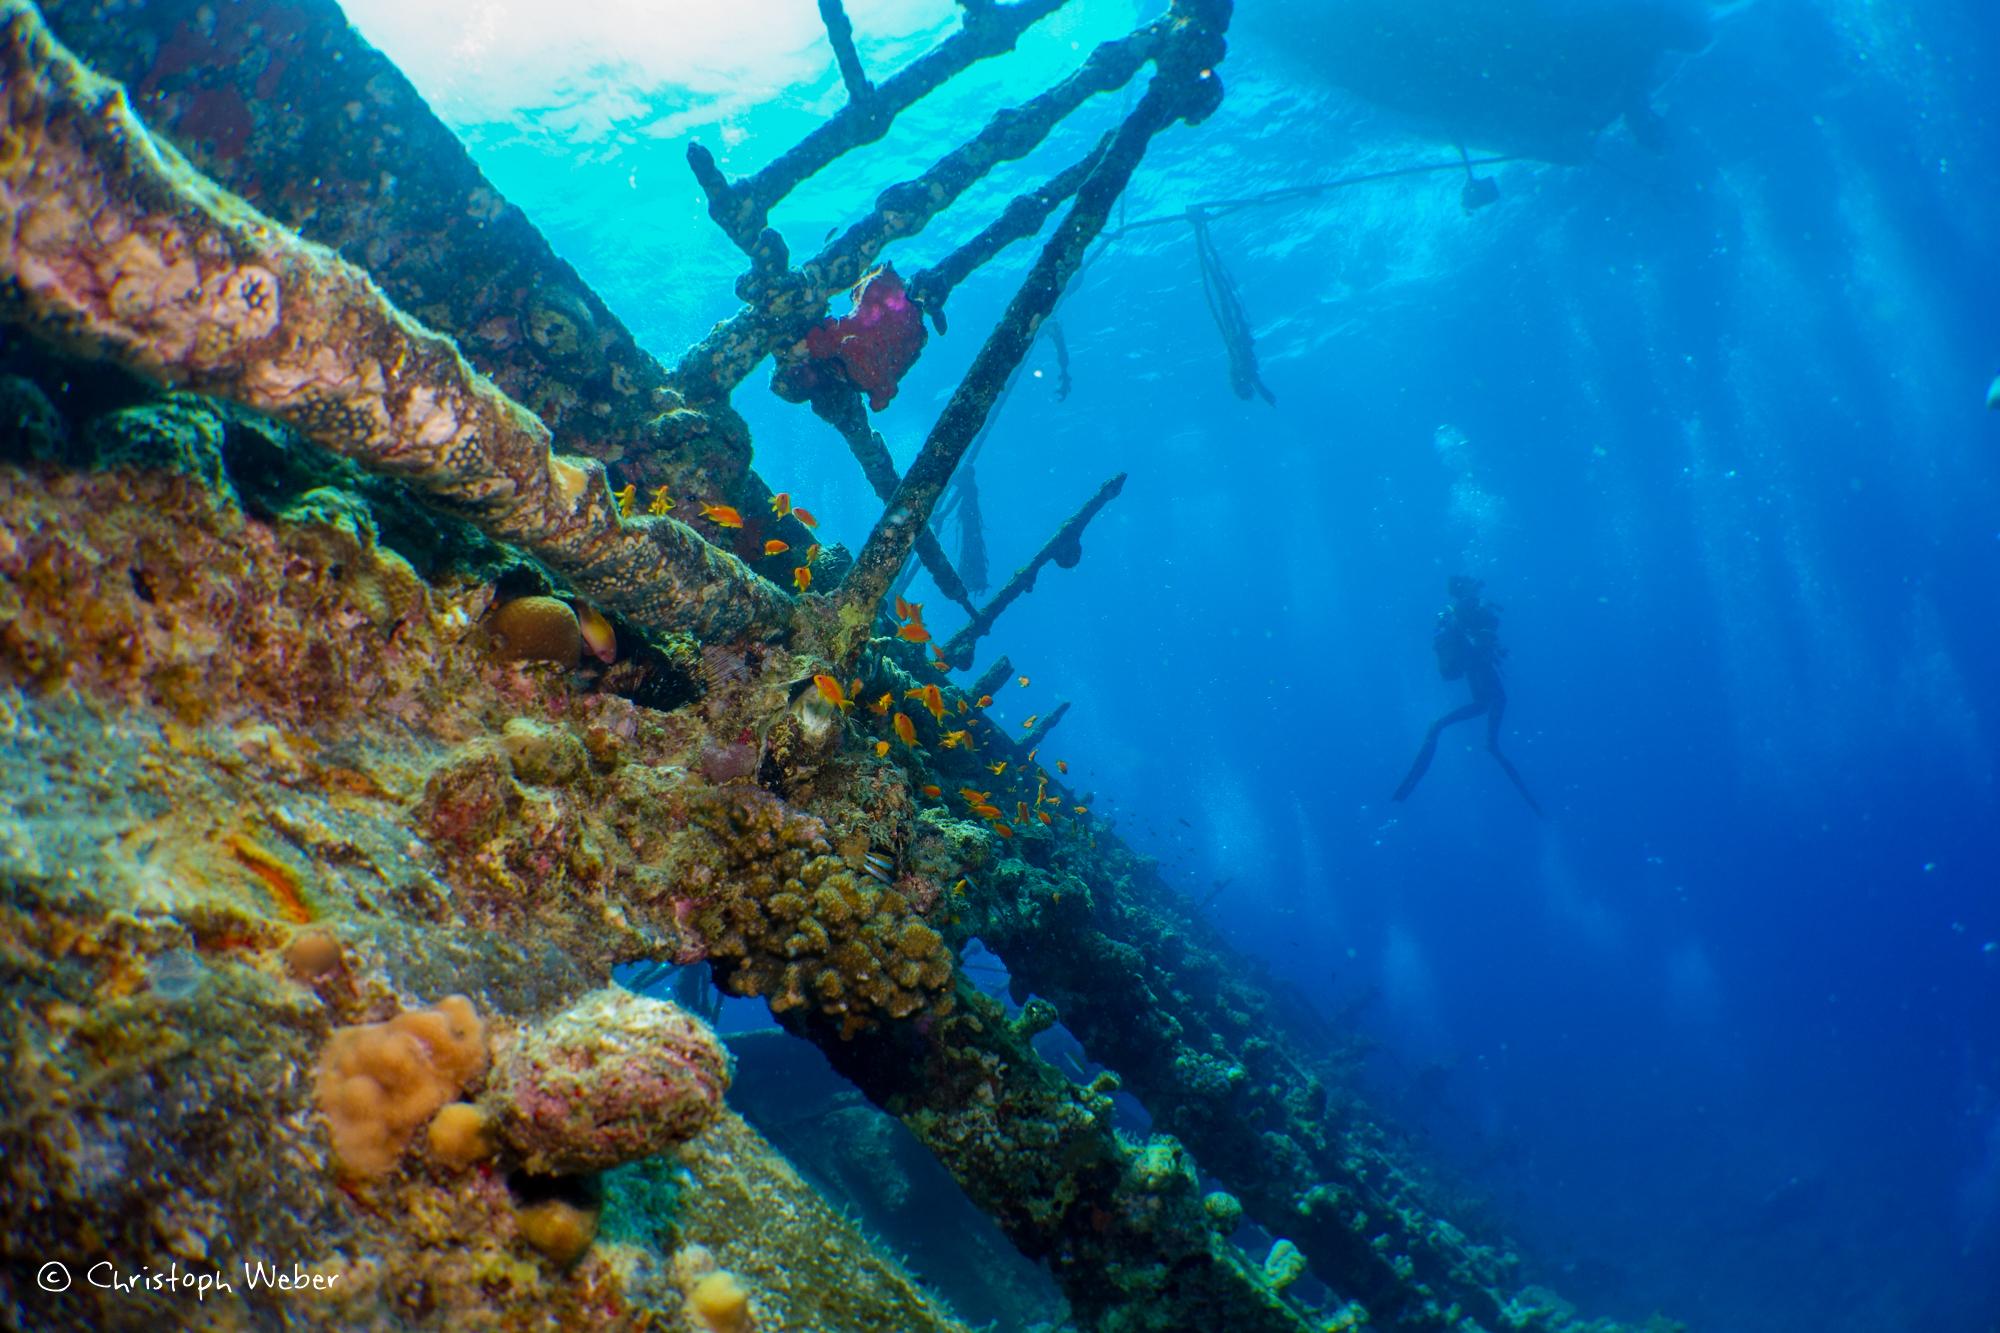 Umbria wreck structures